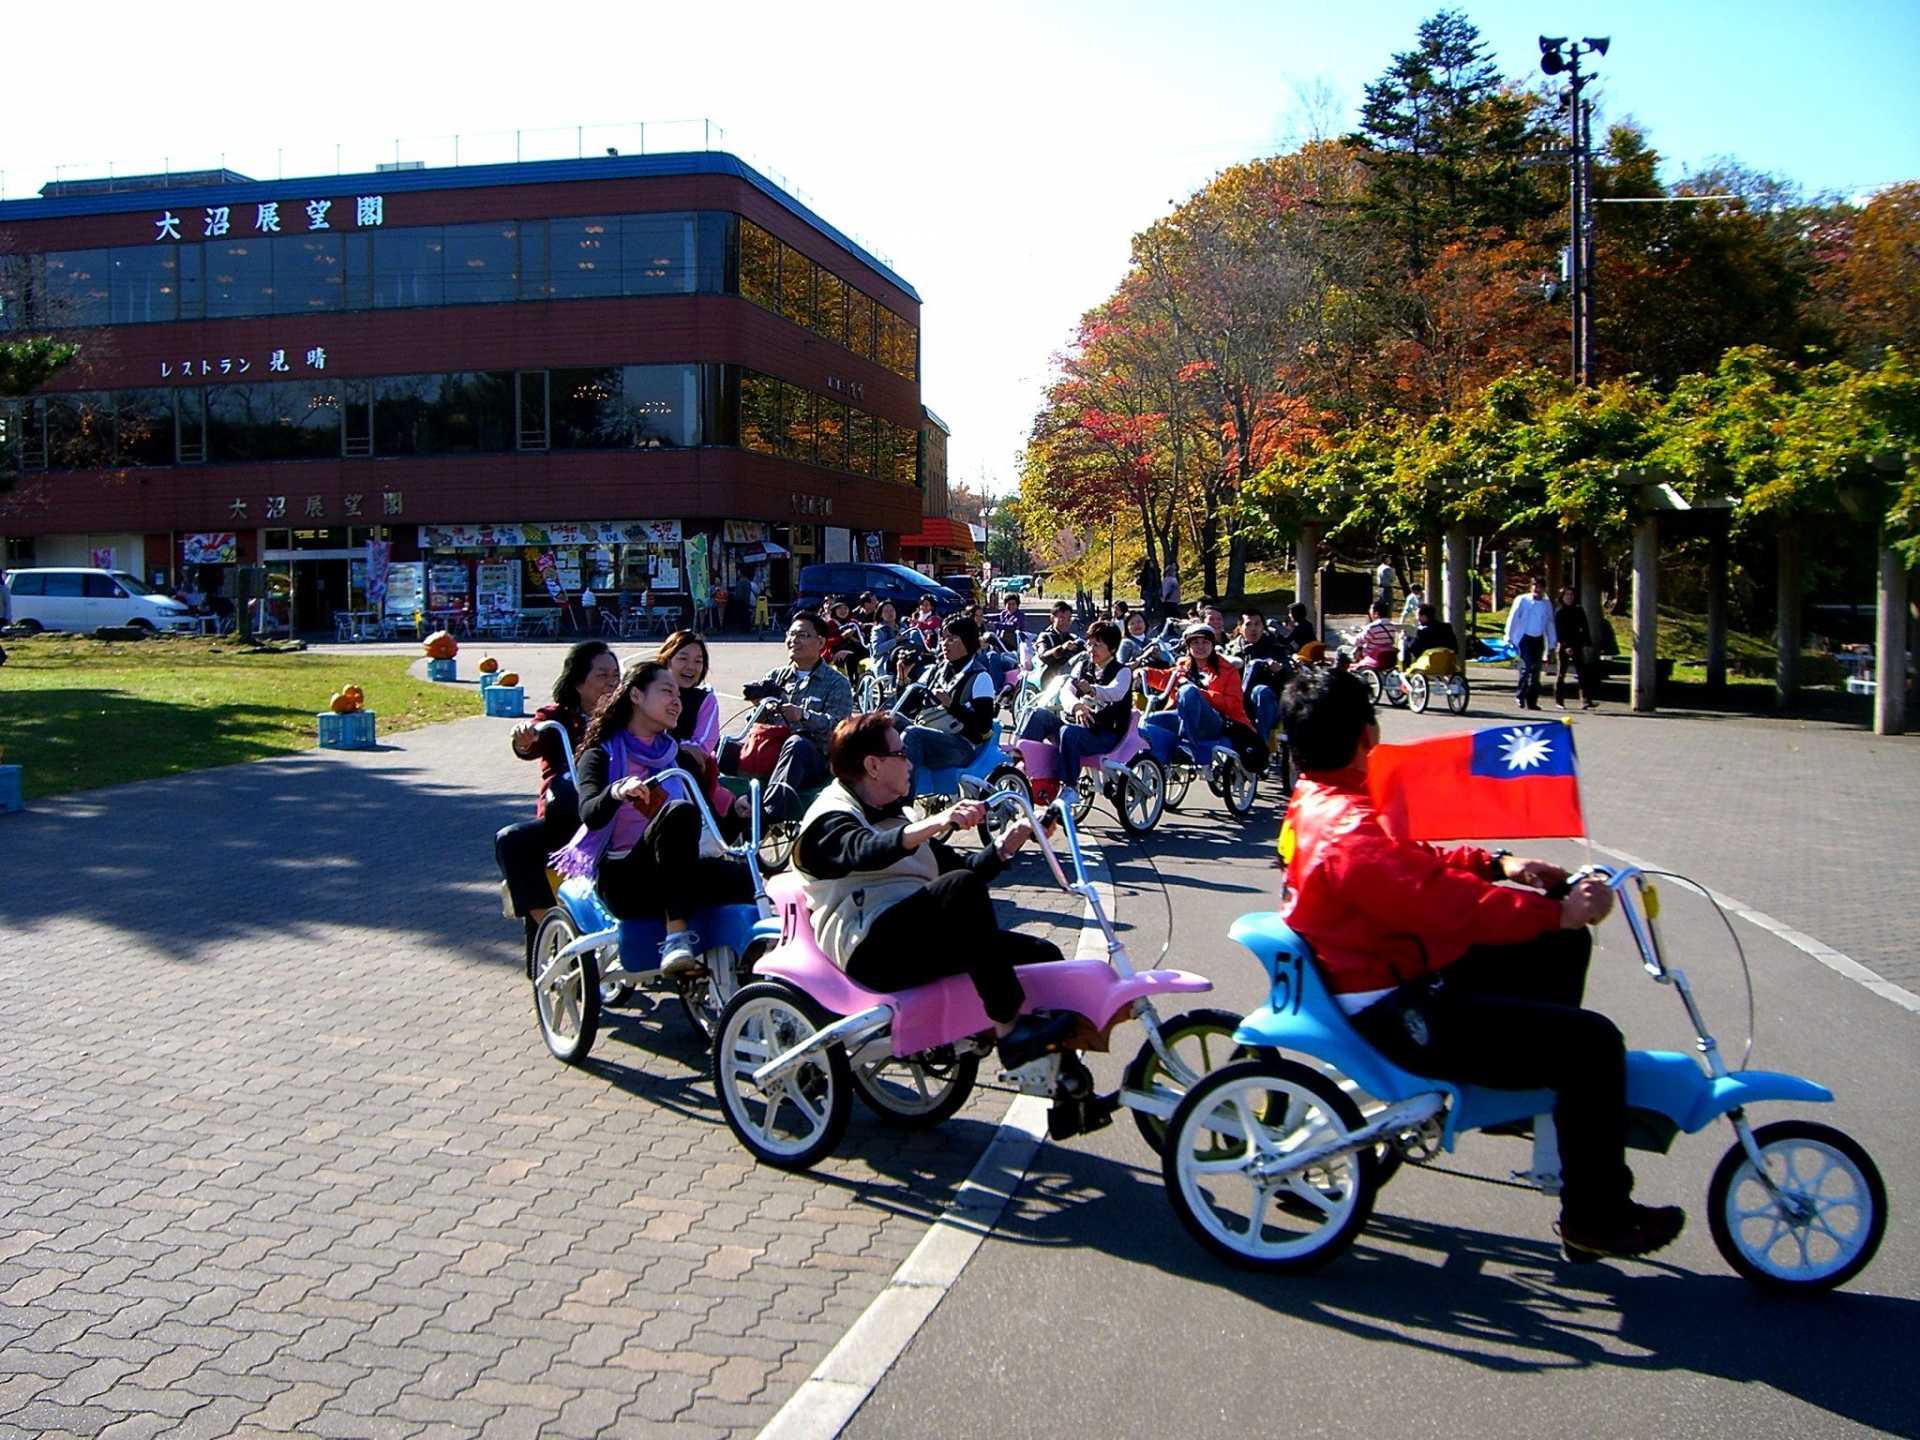 遊客們正在開心地駕駛「連接式腳踏車」